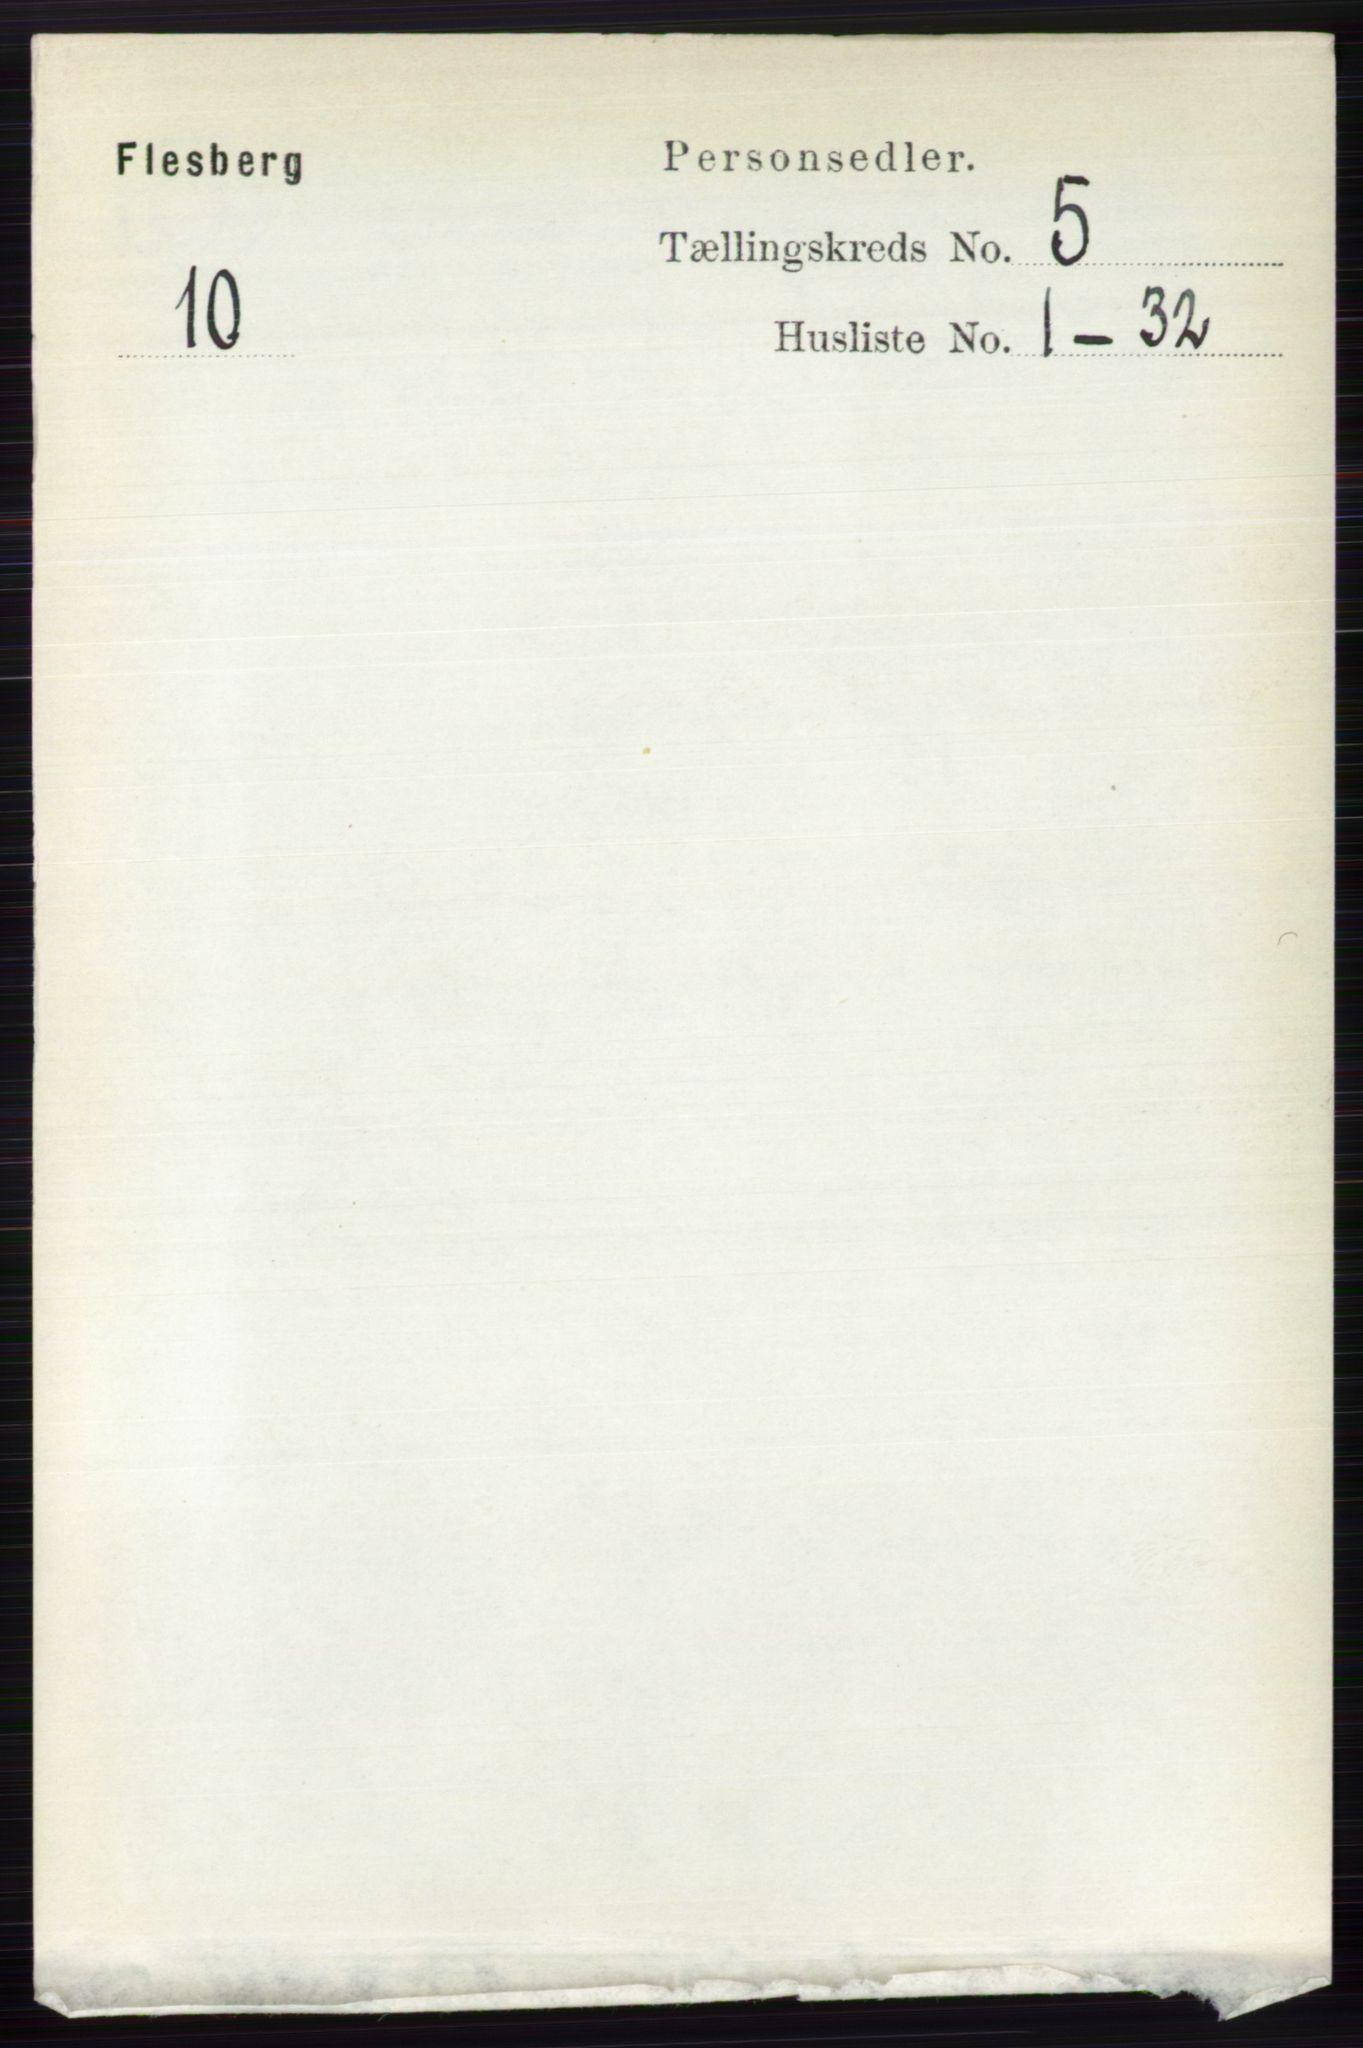 RA, Folketelling 1891 for 0631 Flesberg herred, 1891, s. 721